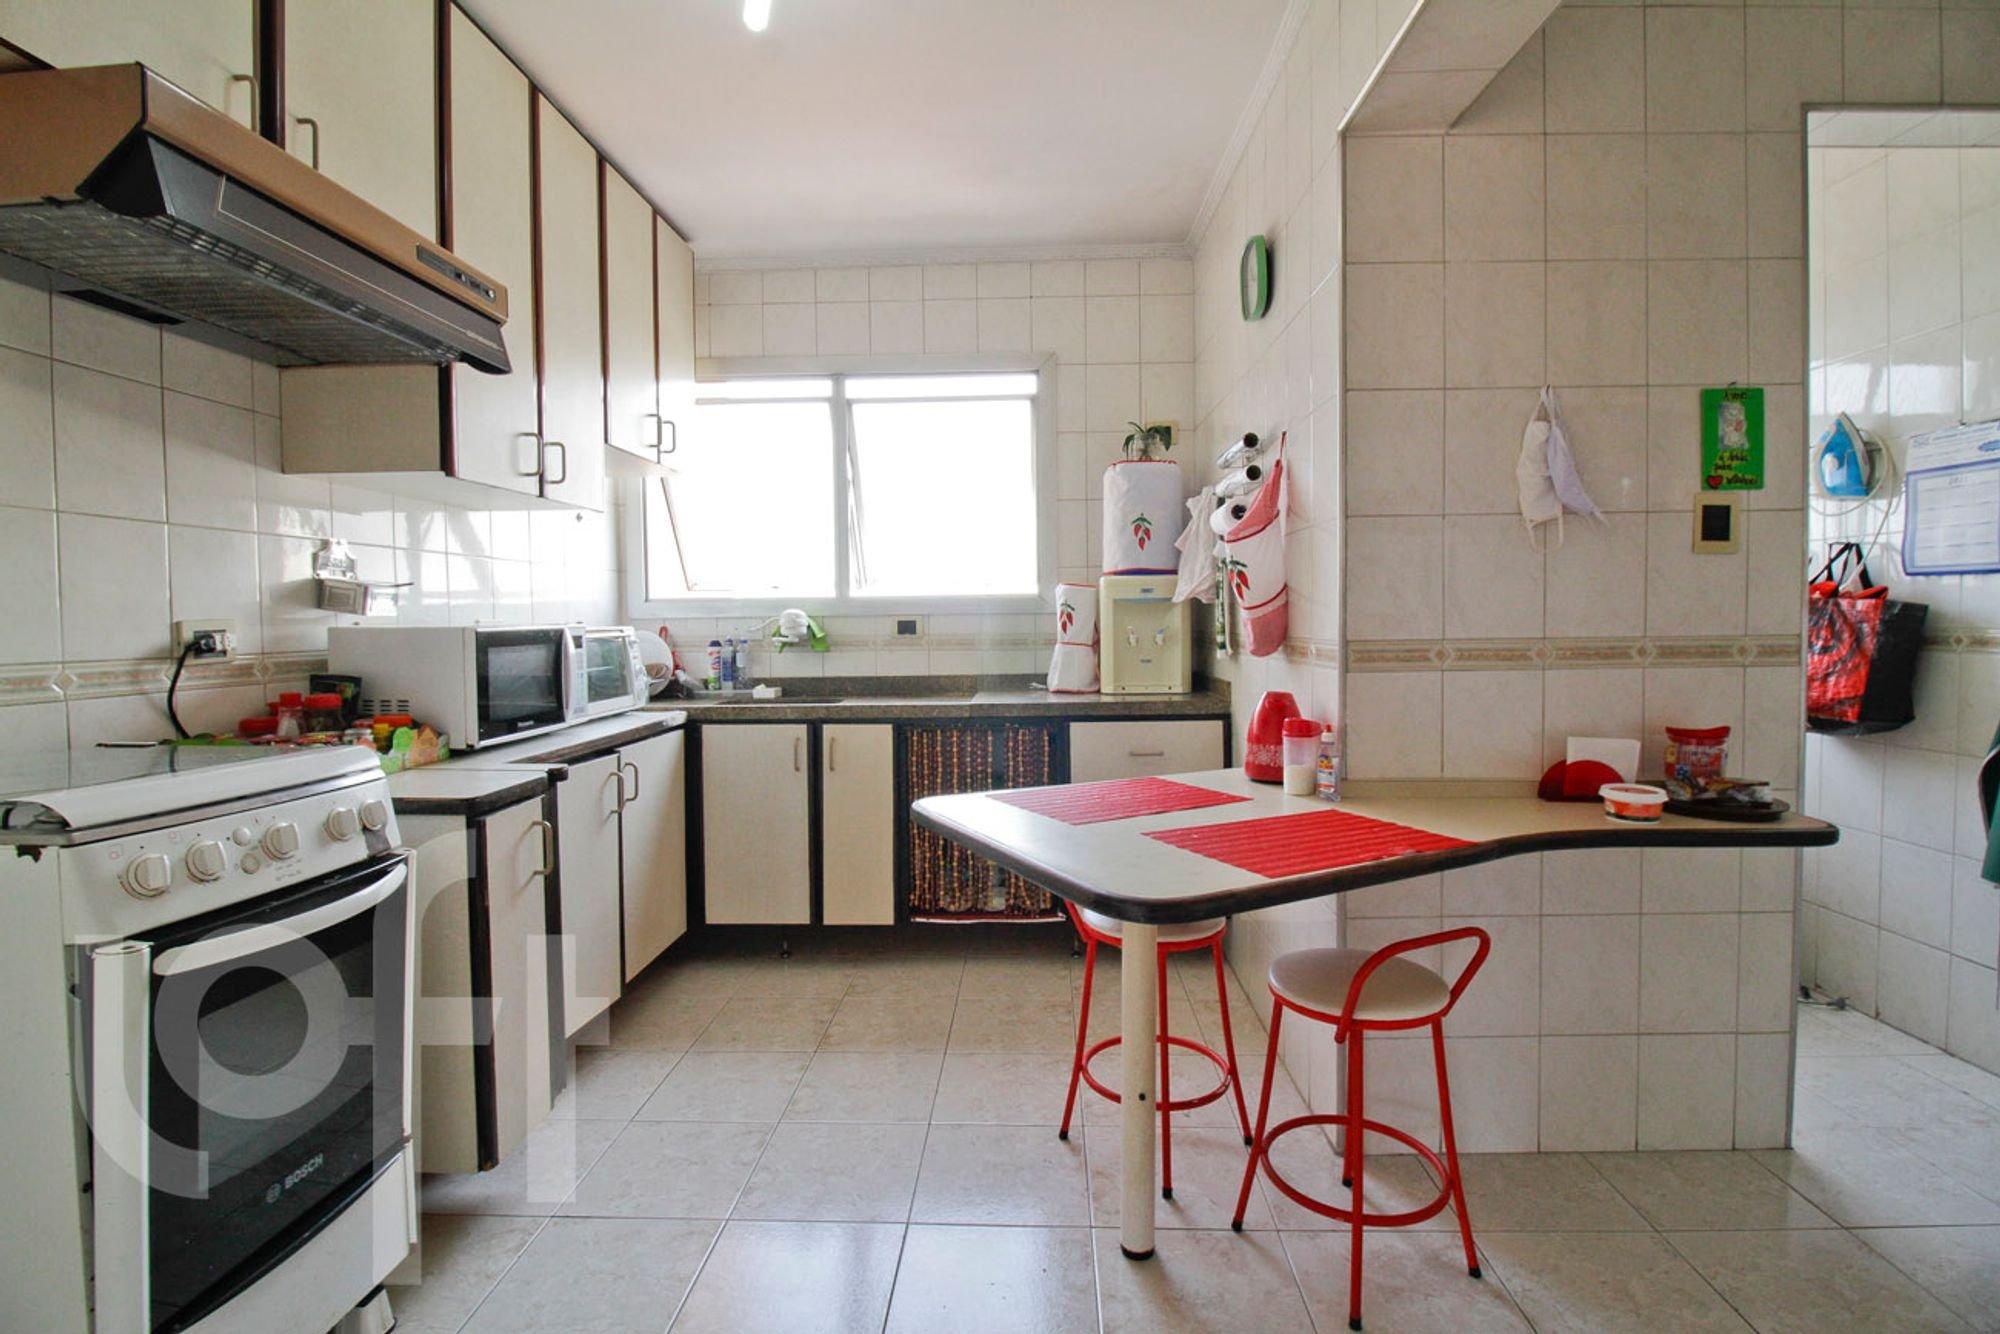 Foto de Cozinha com garrafa, forno, cadeira, pia, microondas